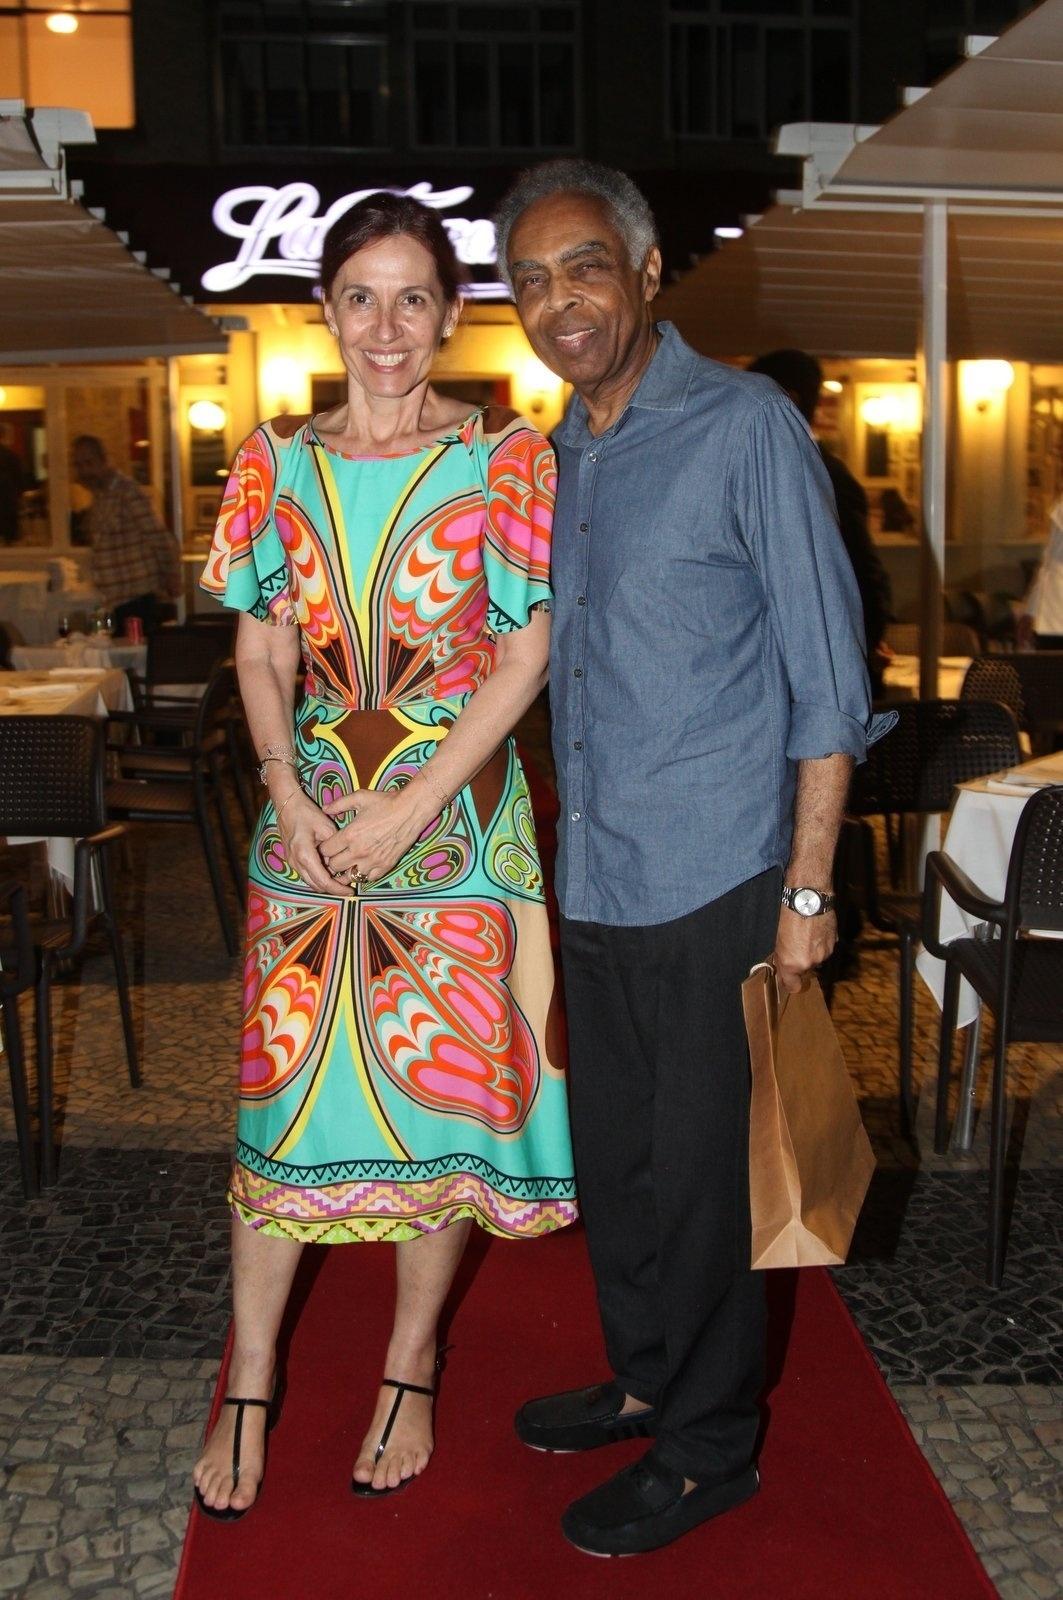 8.dez.2014 - Gilberto Gil é acompanhado pela mulher, Flora Gil, na comemoração de 79 anos de Boni que reuniu vários famosos em um restaurante em Copacabana, na zona sul do Rio de Janeiro, nesta segunda-feira